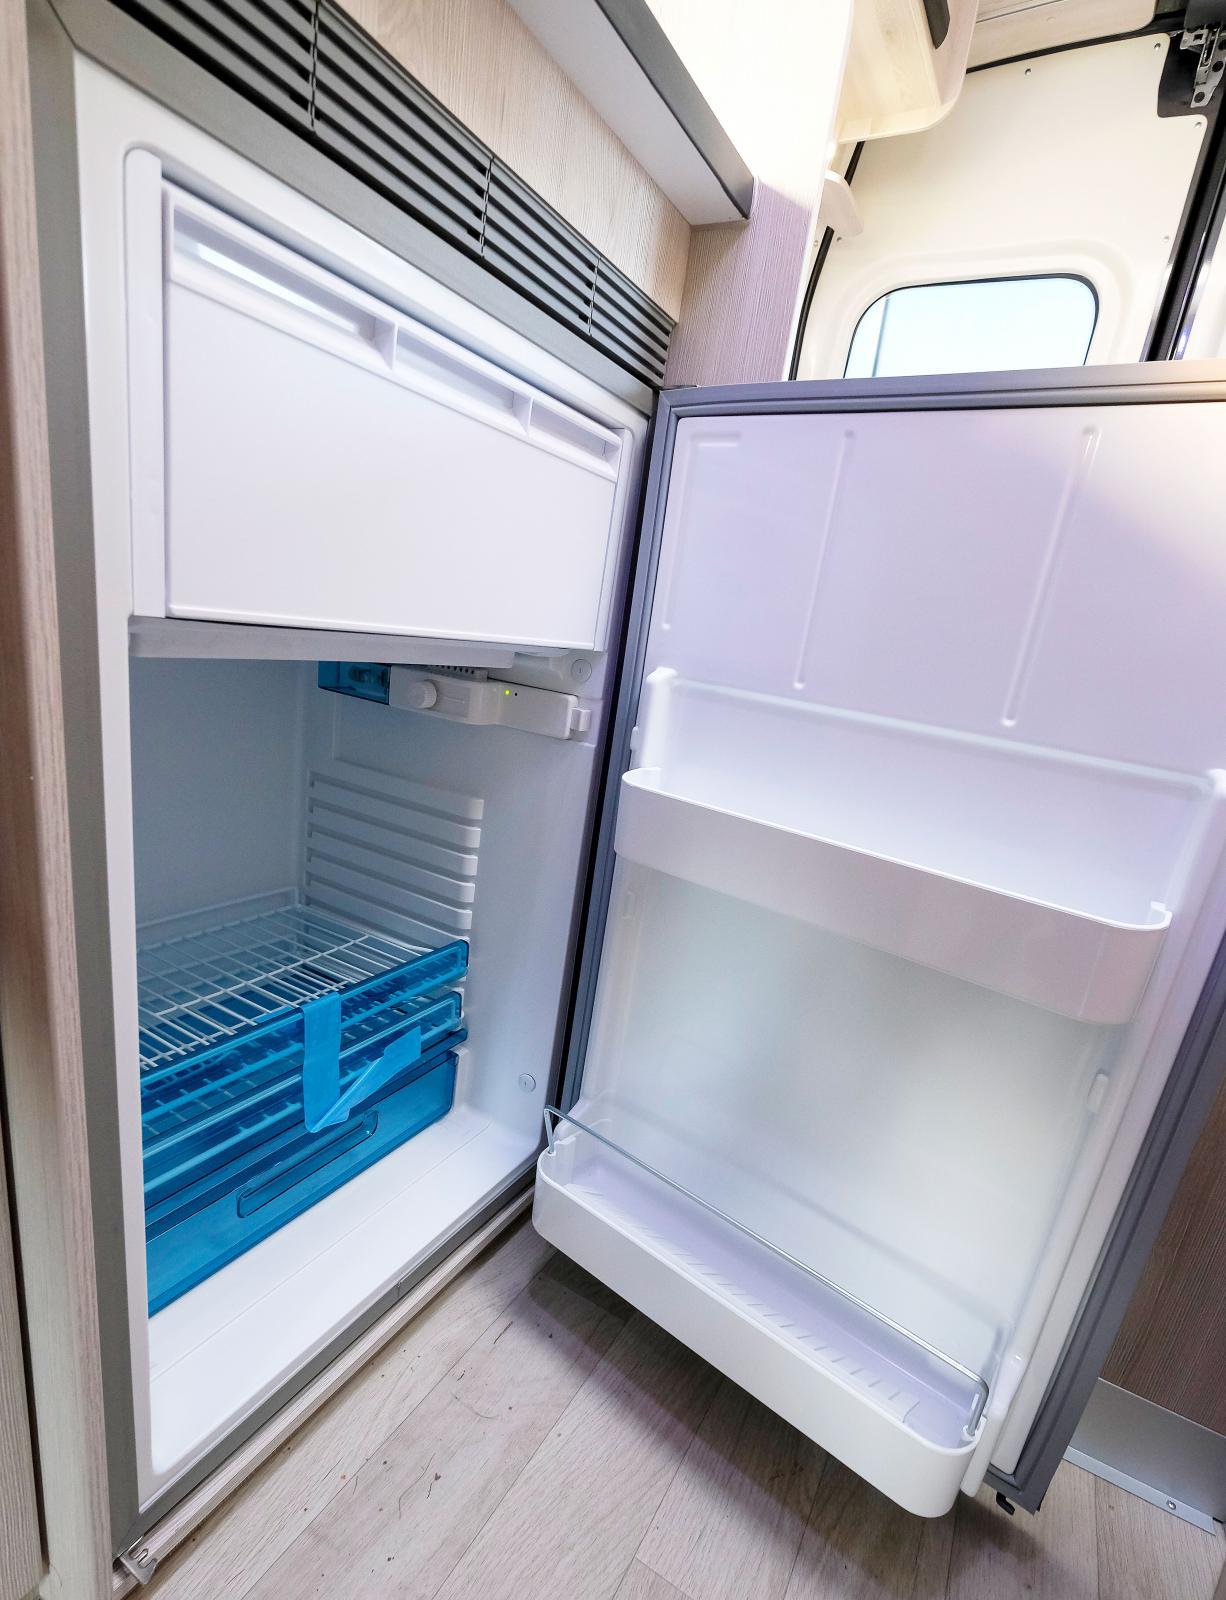 Kompressorkylskåpet sväljer 80 liter mat och dryck.